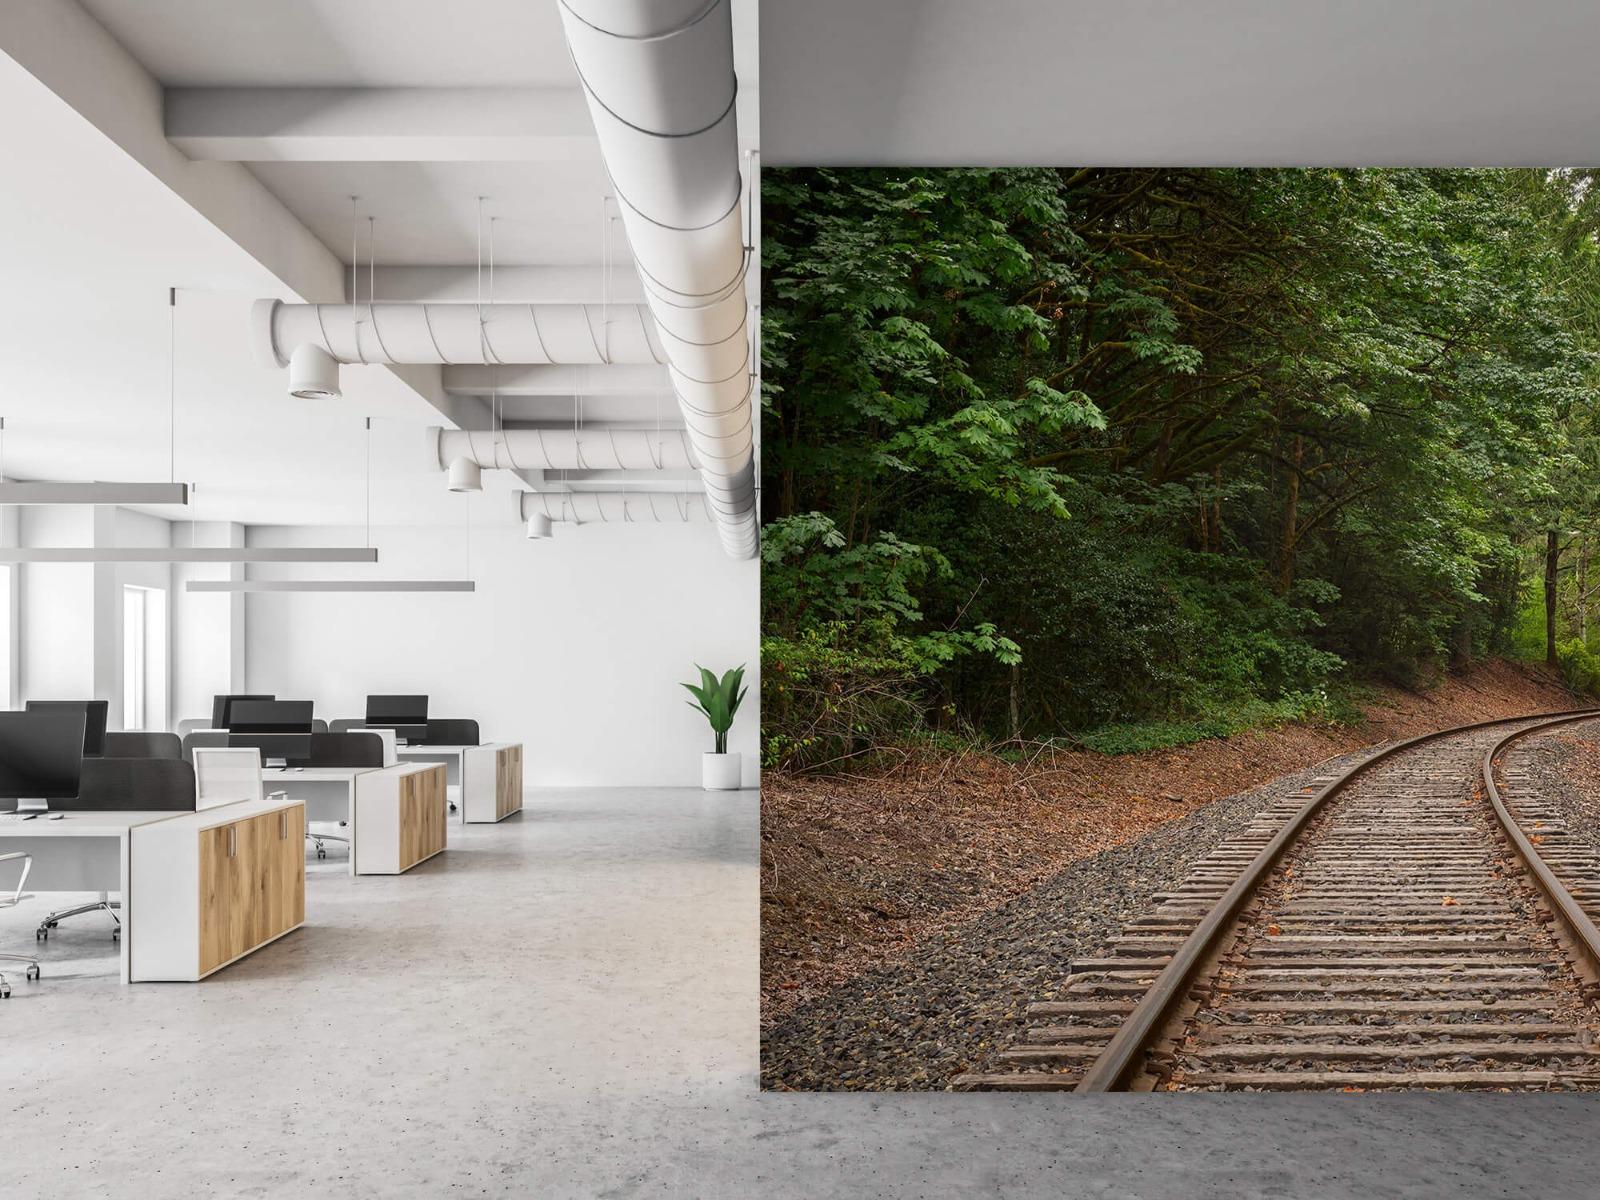 Bos behang - Spoorlijn door het bos - Slaapkamer 21